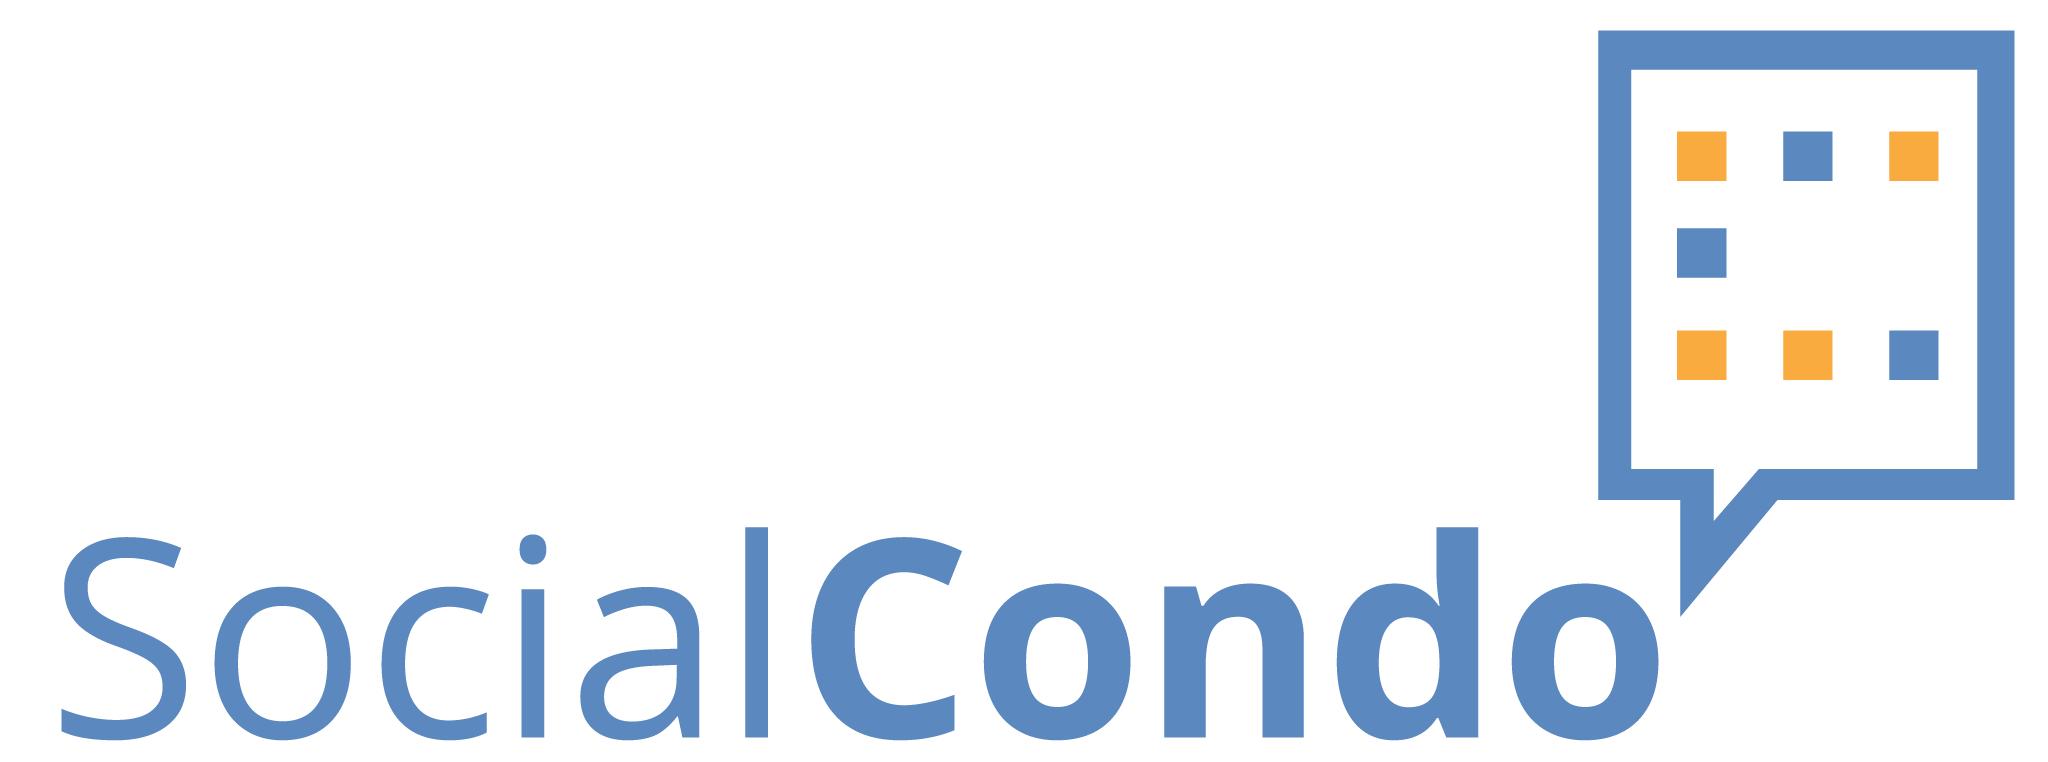 TownSq - App para condomínio